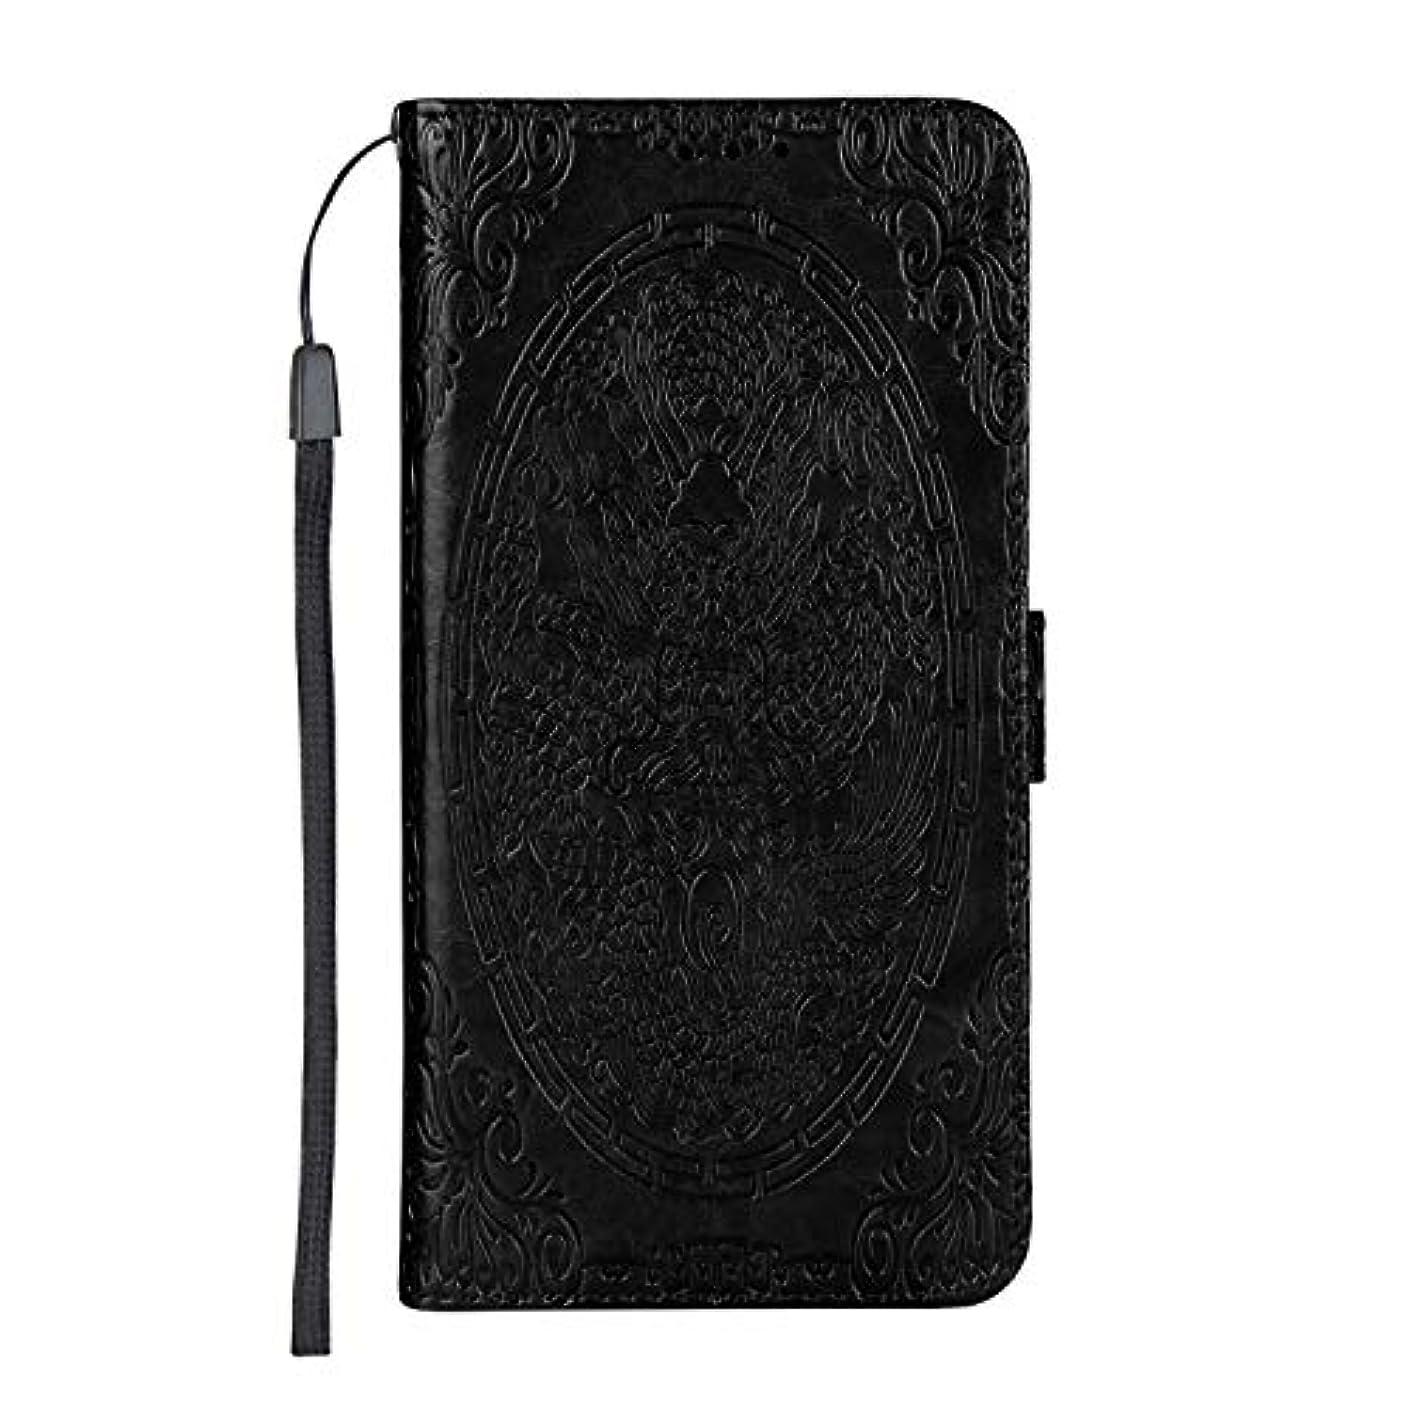 乱用魚春CUSKING Galaxy A6 Plus ケース手帳型 [ドラゴン柄] 多機能 手帳ケース カード収納 スタンド 機能 人気 全面保護カバー サムスン ギャラクシ ケース –黒